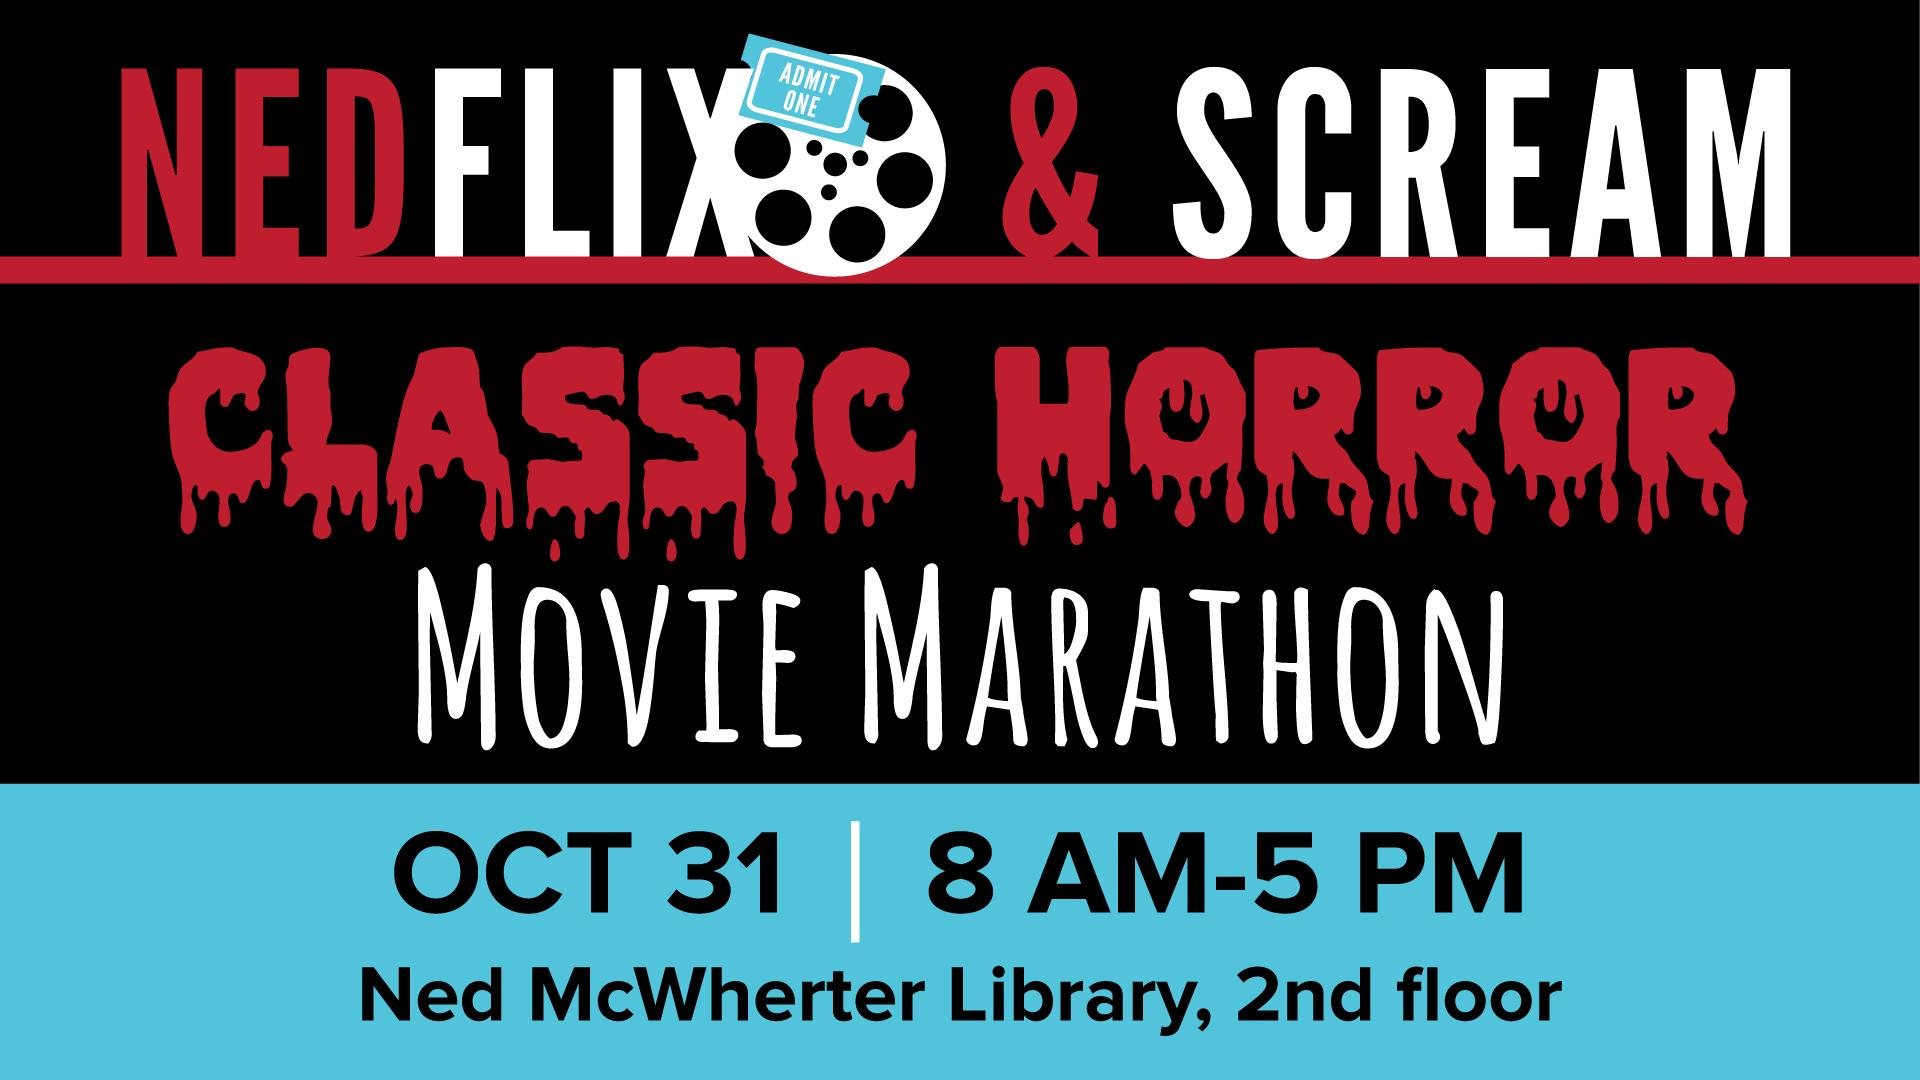 Classic Horror Movie Marathon